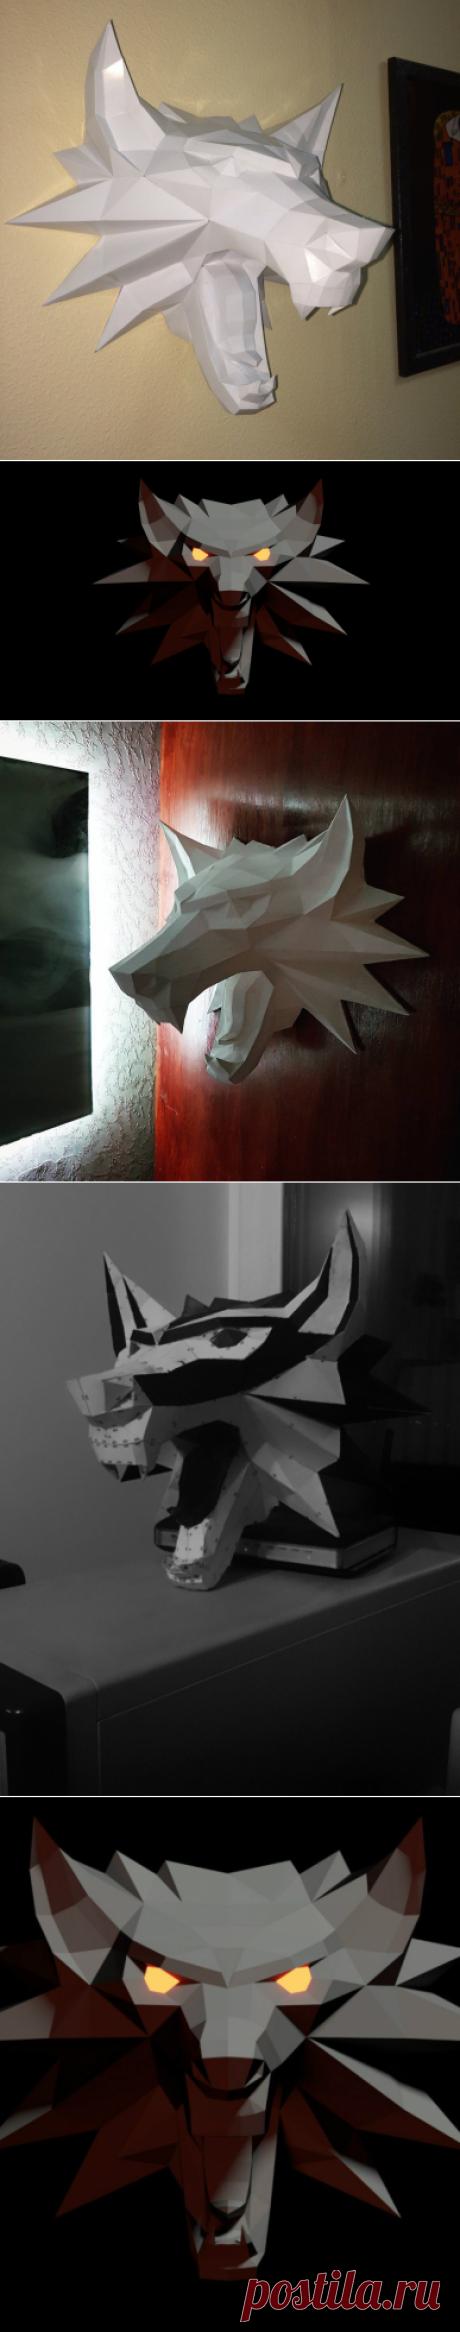 Волк из фильма Ведьмак скачать схему для паперкрафт